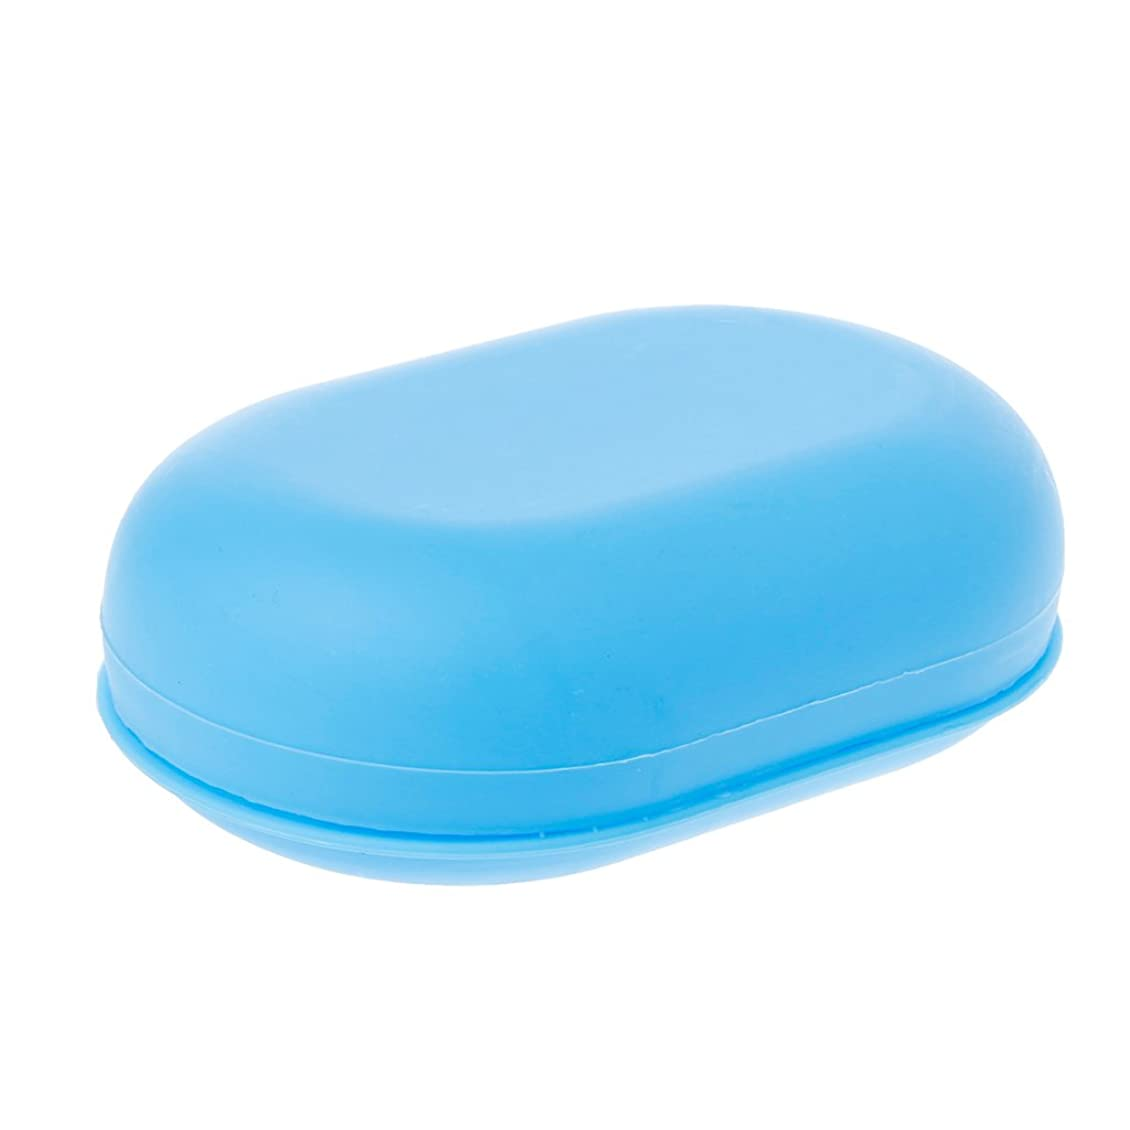 オーガニック慰めラダLamdooポータブル旅行ホーム浴室のシャワーソープボックスプレート皿ホルダーケースコンテナブルー